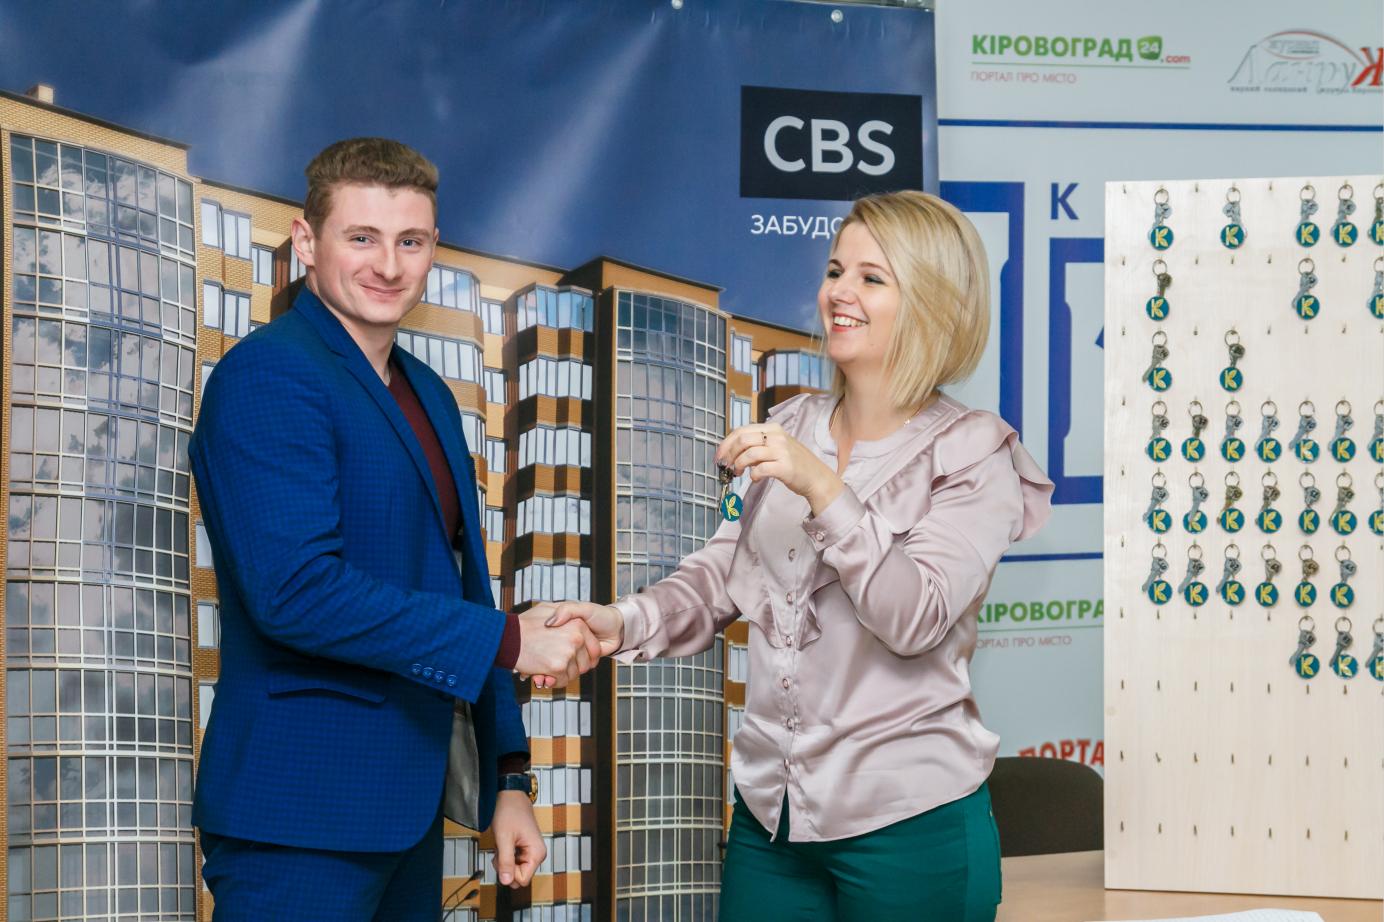 У Кропивницькому щасливі власники квартир другої черги житлового комплексу «Ковалівський» отримали свої ключі від забудовника «CBS Холдинг», фото-6